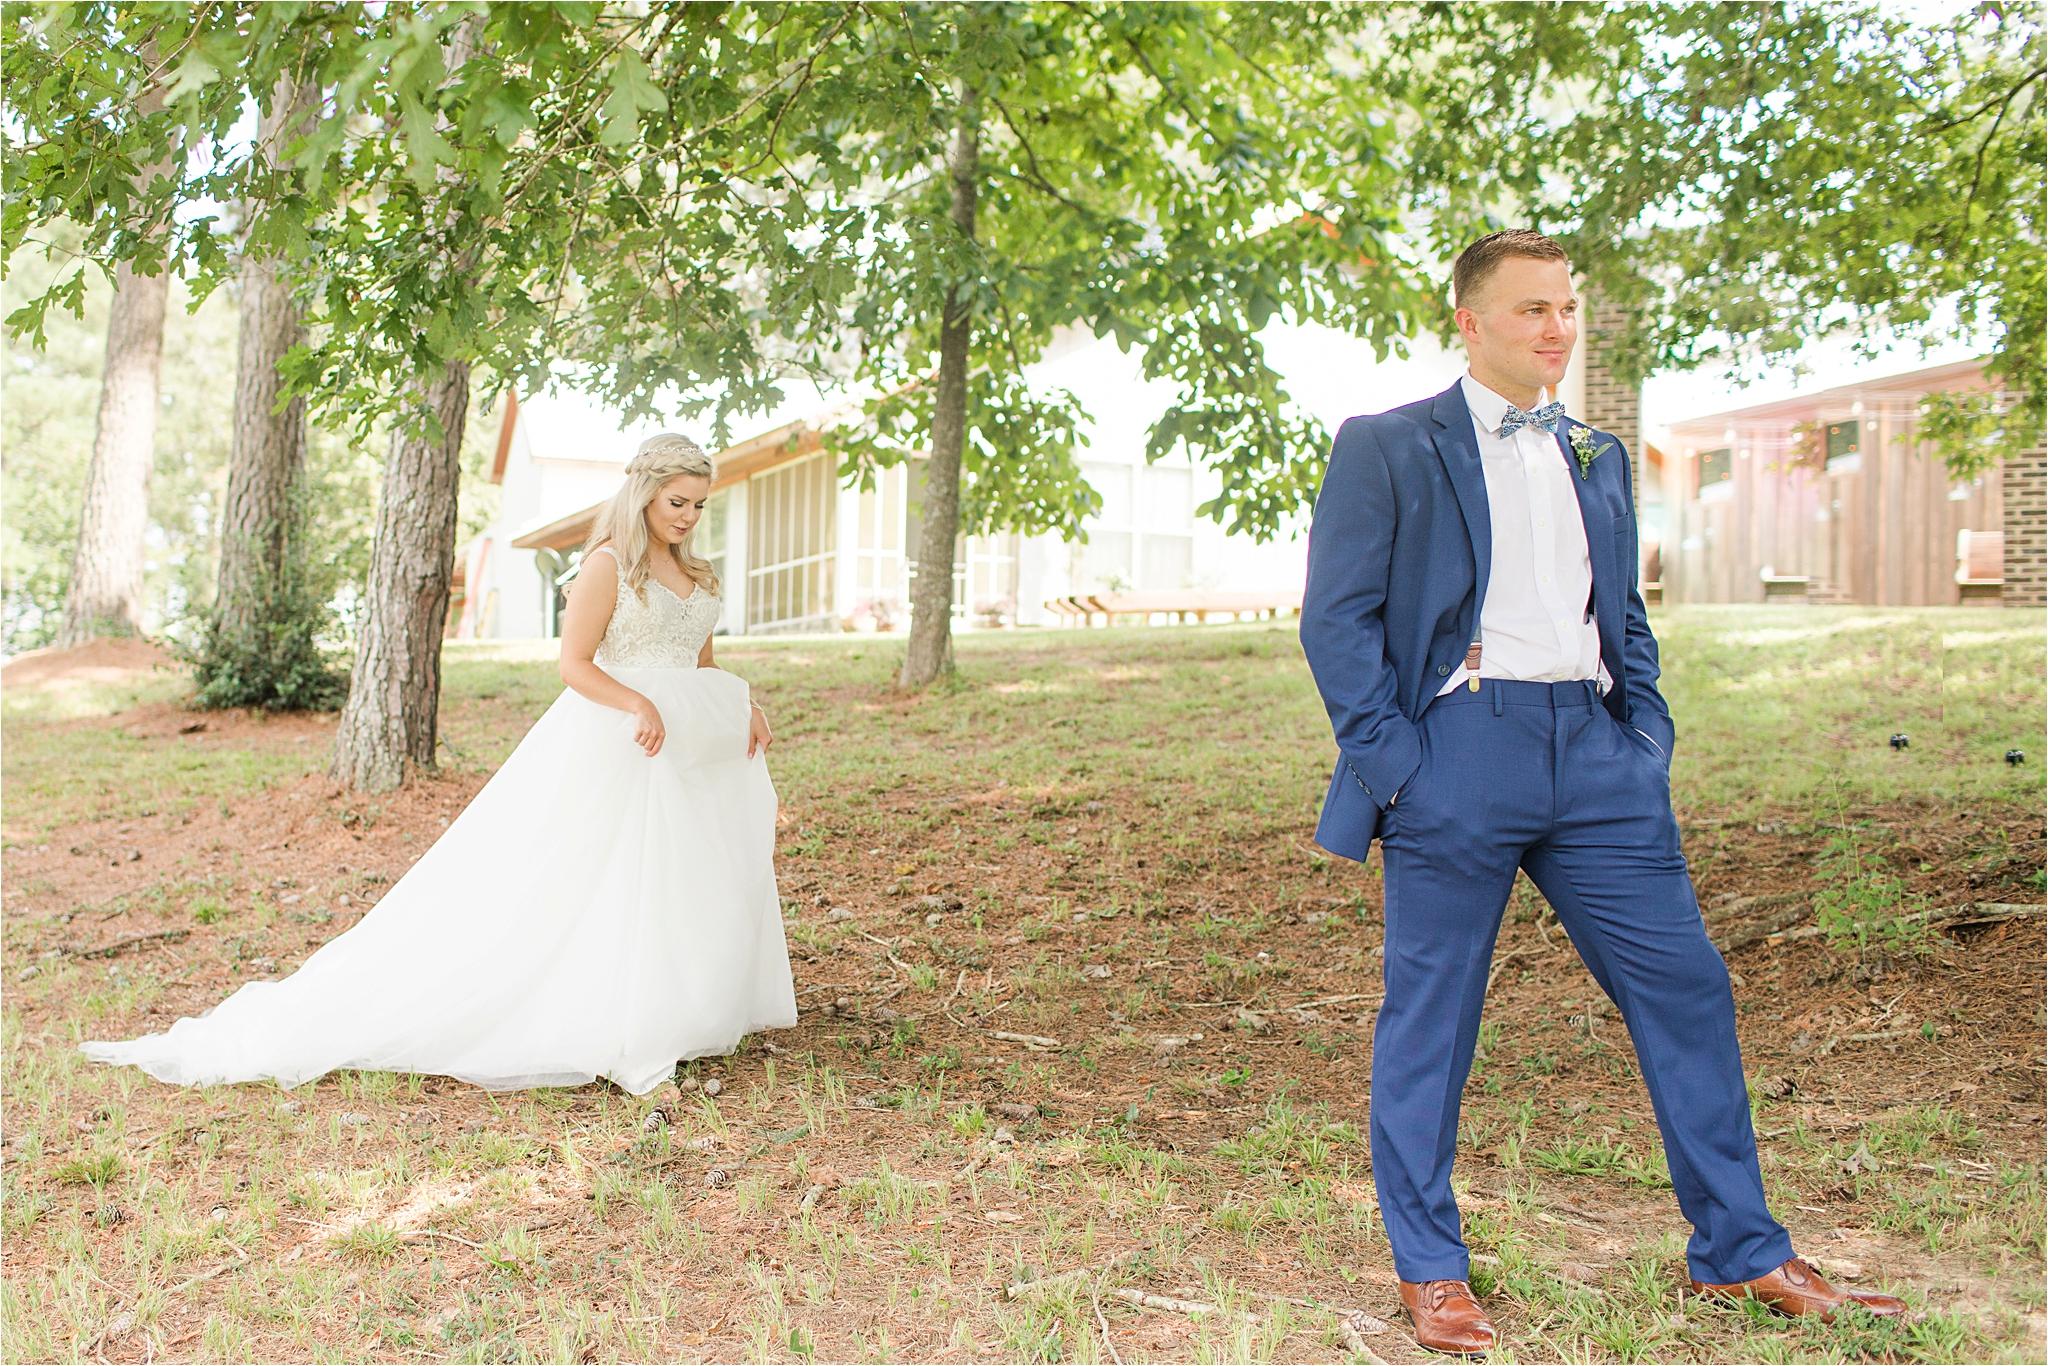 blue-suit-groom-bride-bow-tie-first-look